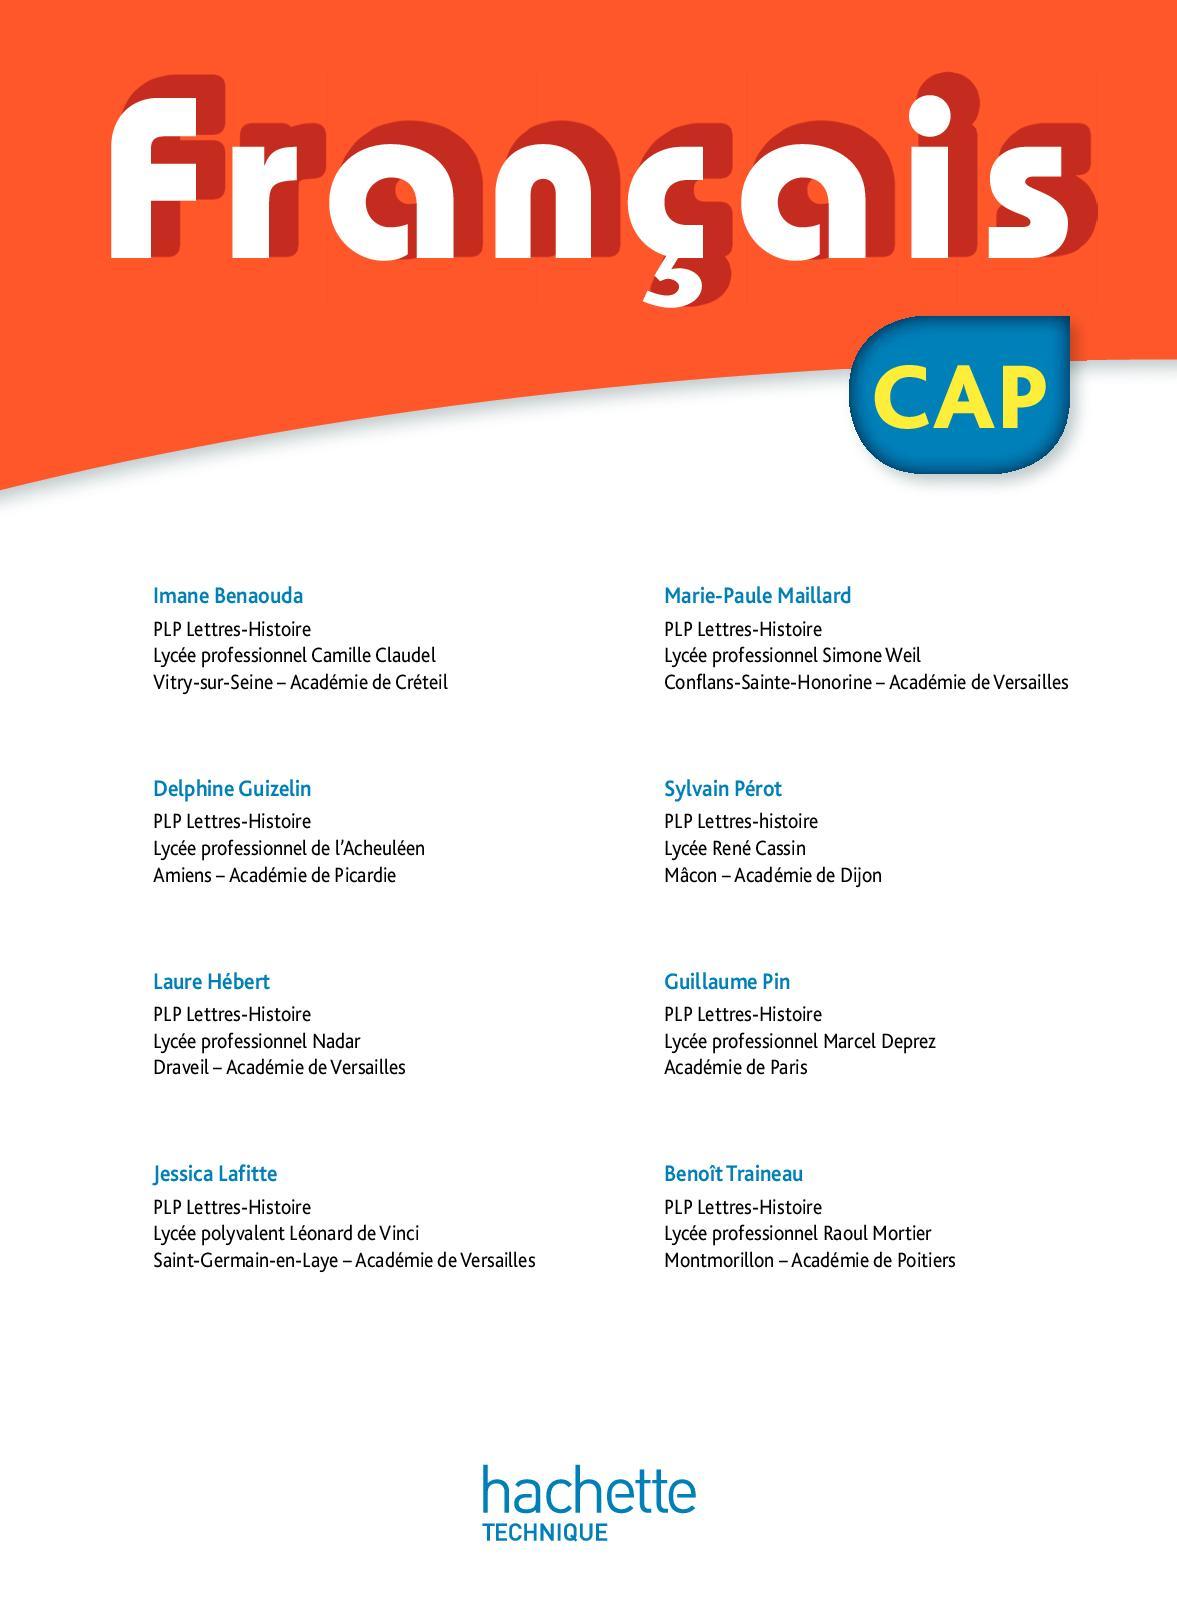 Séquence Français Cap S'insérer Dans L'univers Professionnel : séquence, français, s'insérer, l'univers, professionnel, Calaméo, Français